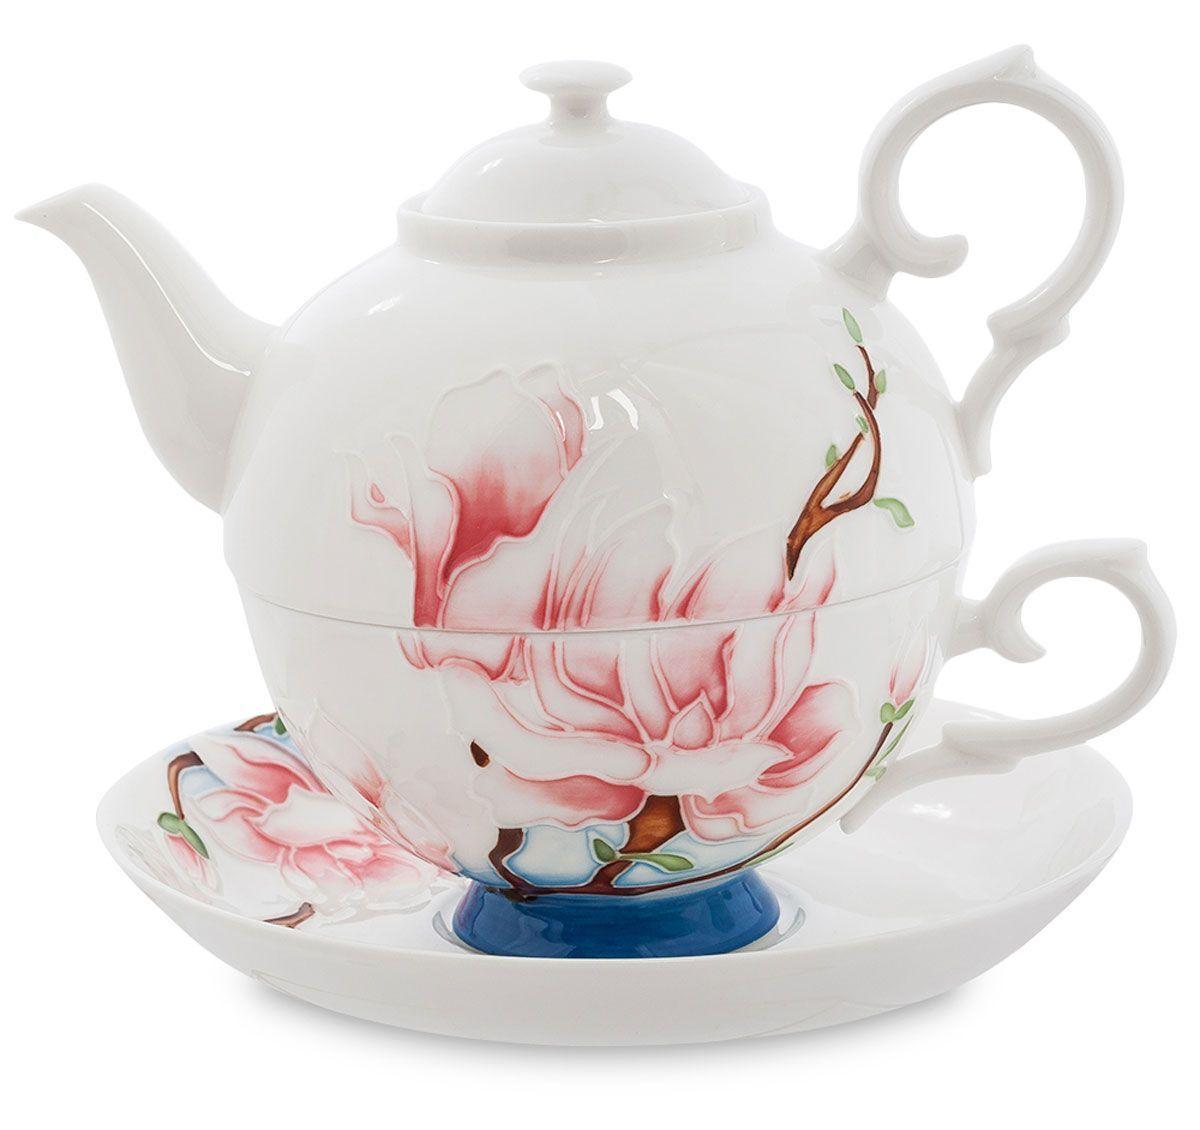 Набор чайный Pavone Цветущая сакура, 3 предмета. 451575115510Объем чайника: 400 млОбъем чаши: 250 млДиаметр блюдца: 15 см